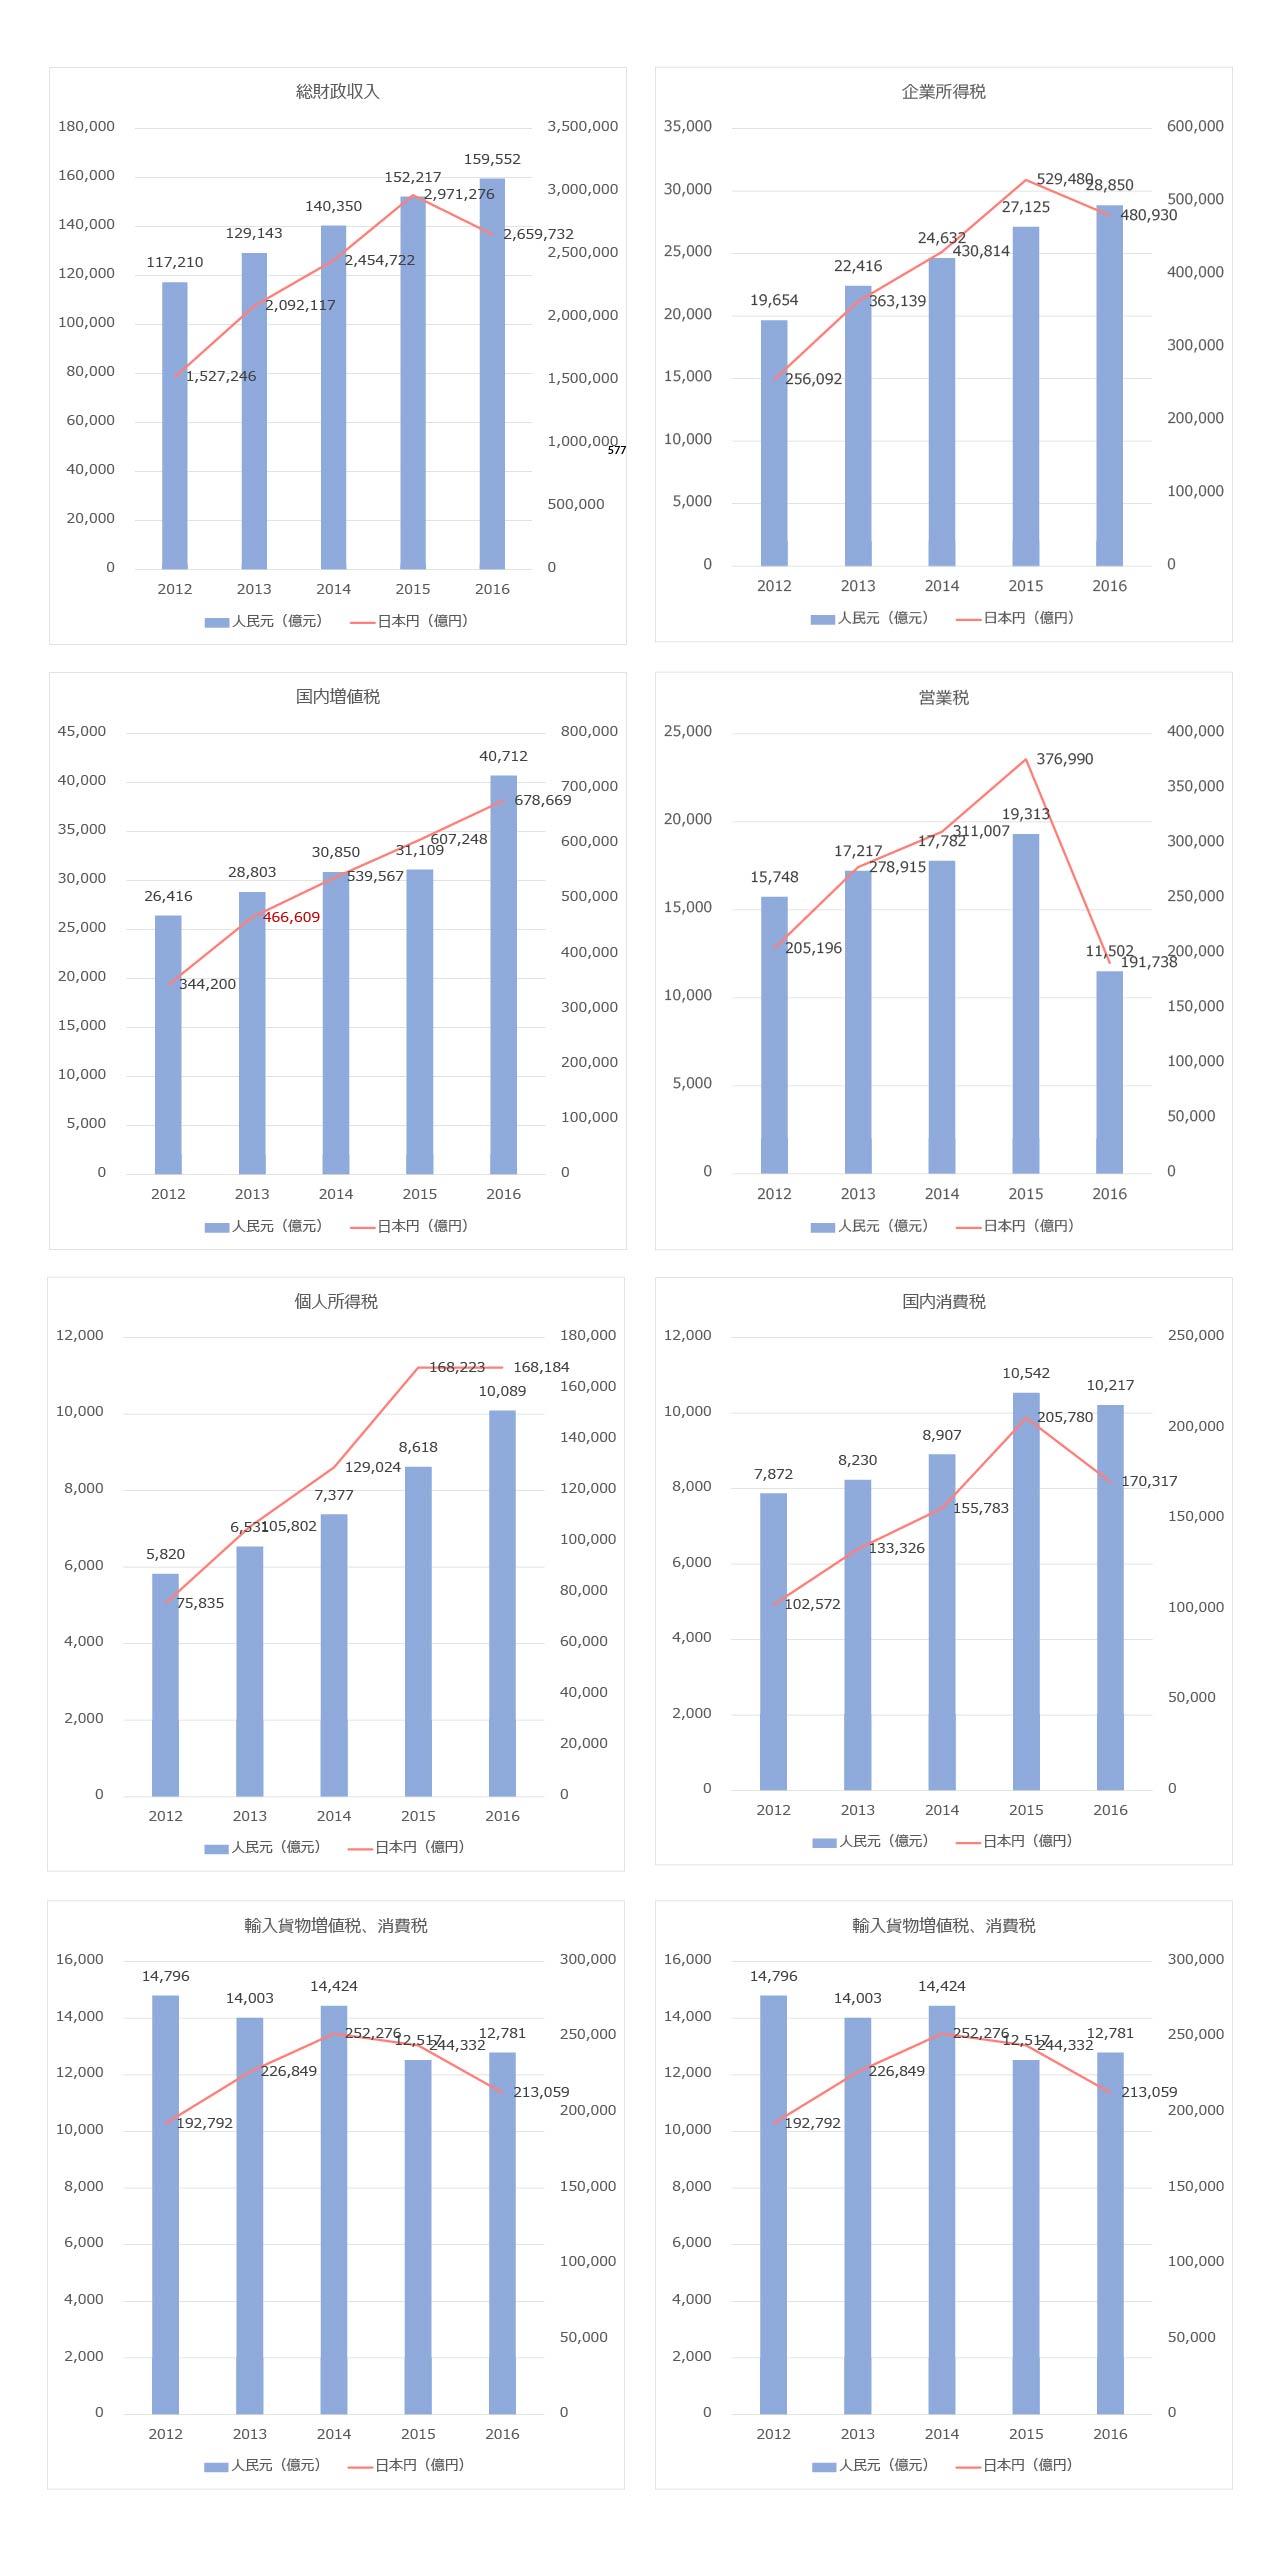 中国 過去5年間の財政収入内訳